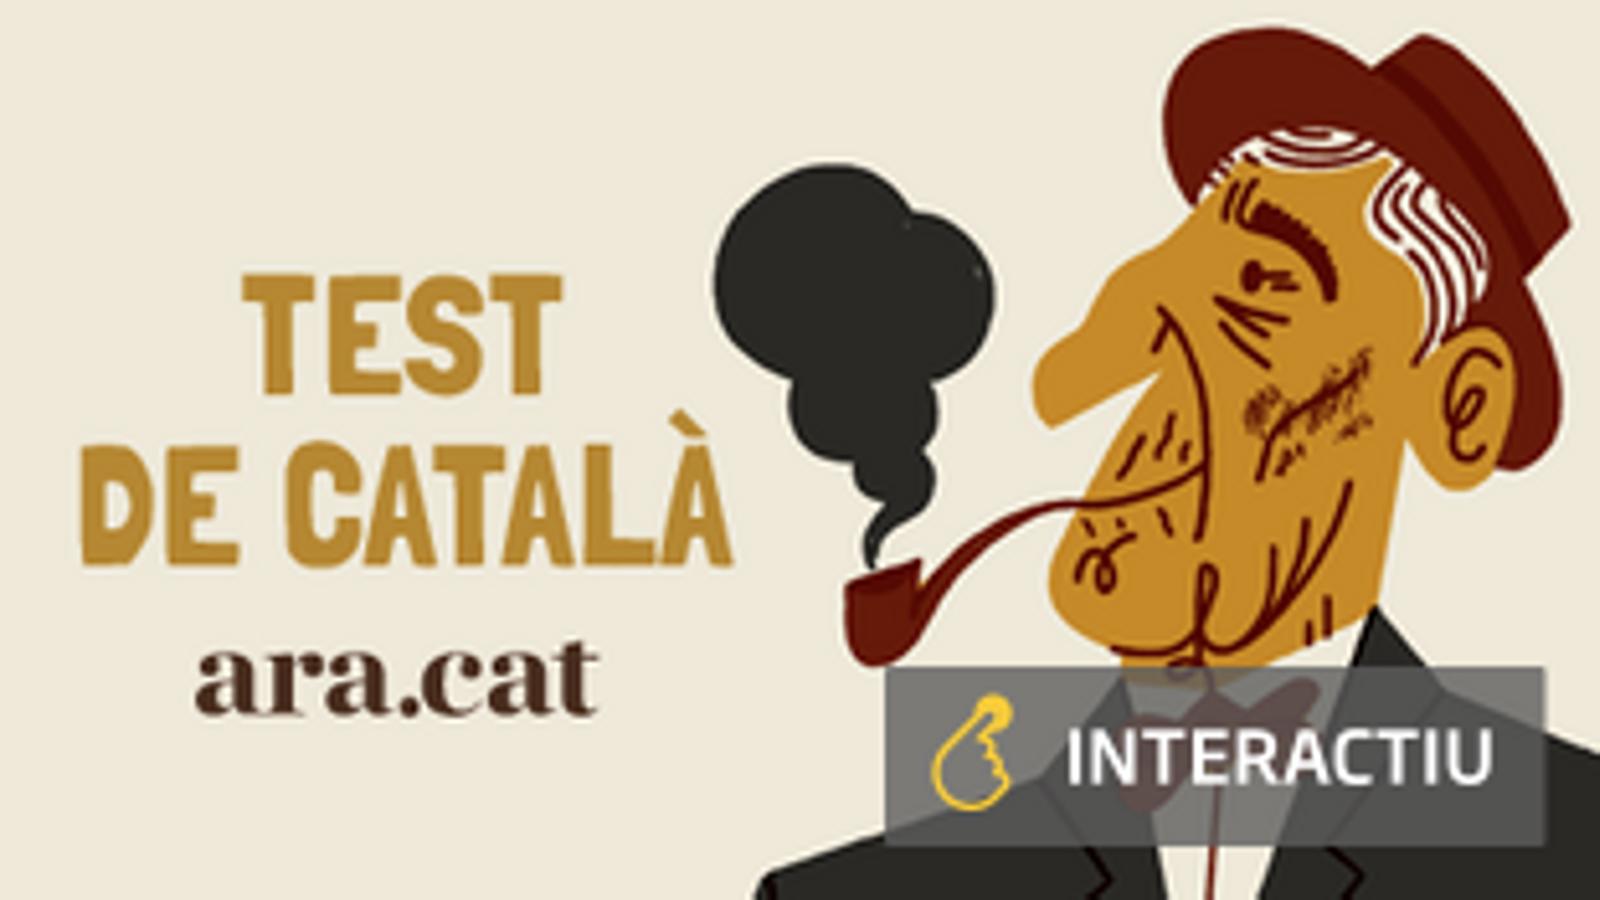 Posa aquí a prova els teus coneixements de català (i repassa la vida de Fabra)